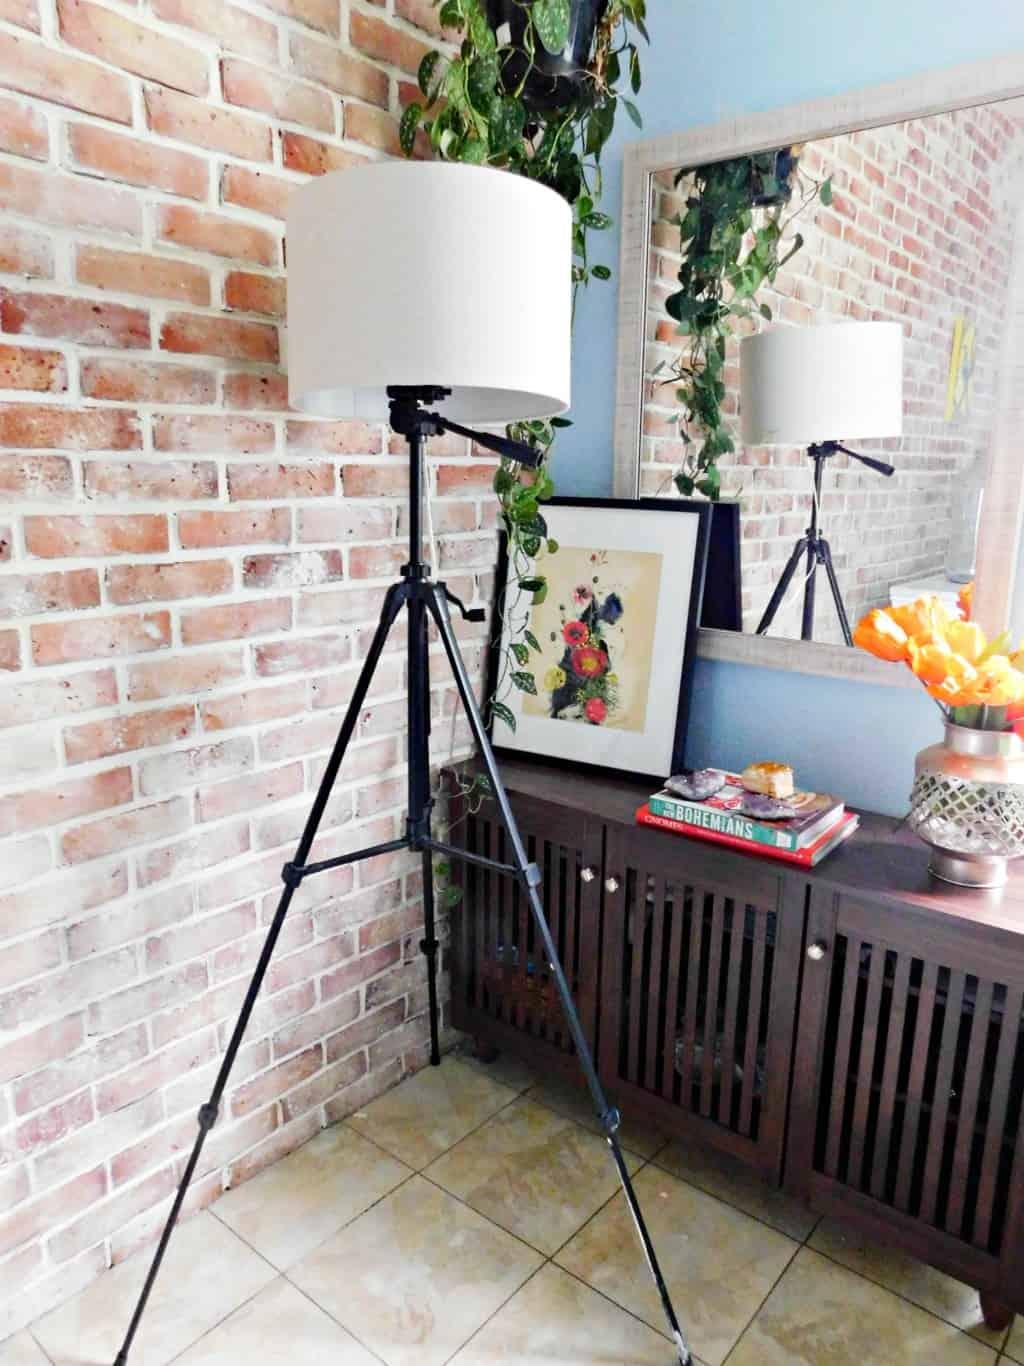 Diy Floor Lamp Recycled Camera Tripod Lamp Desk Lamp